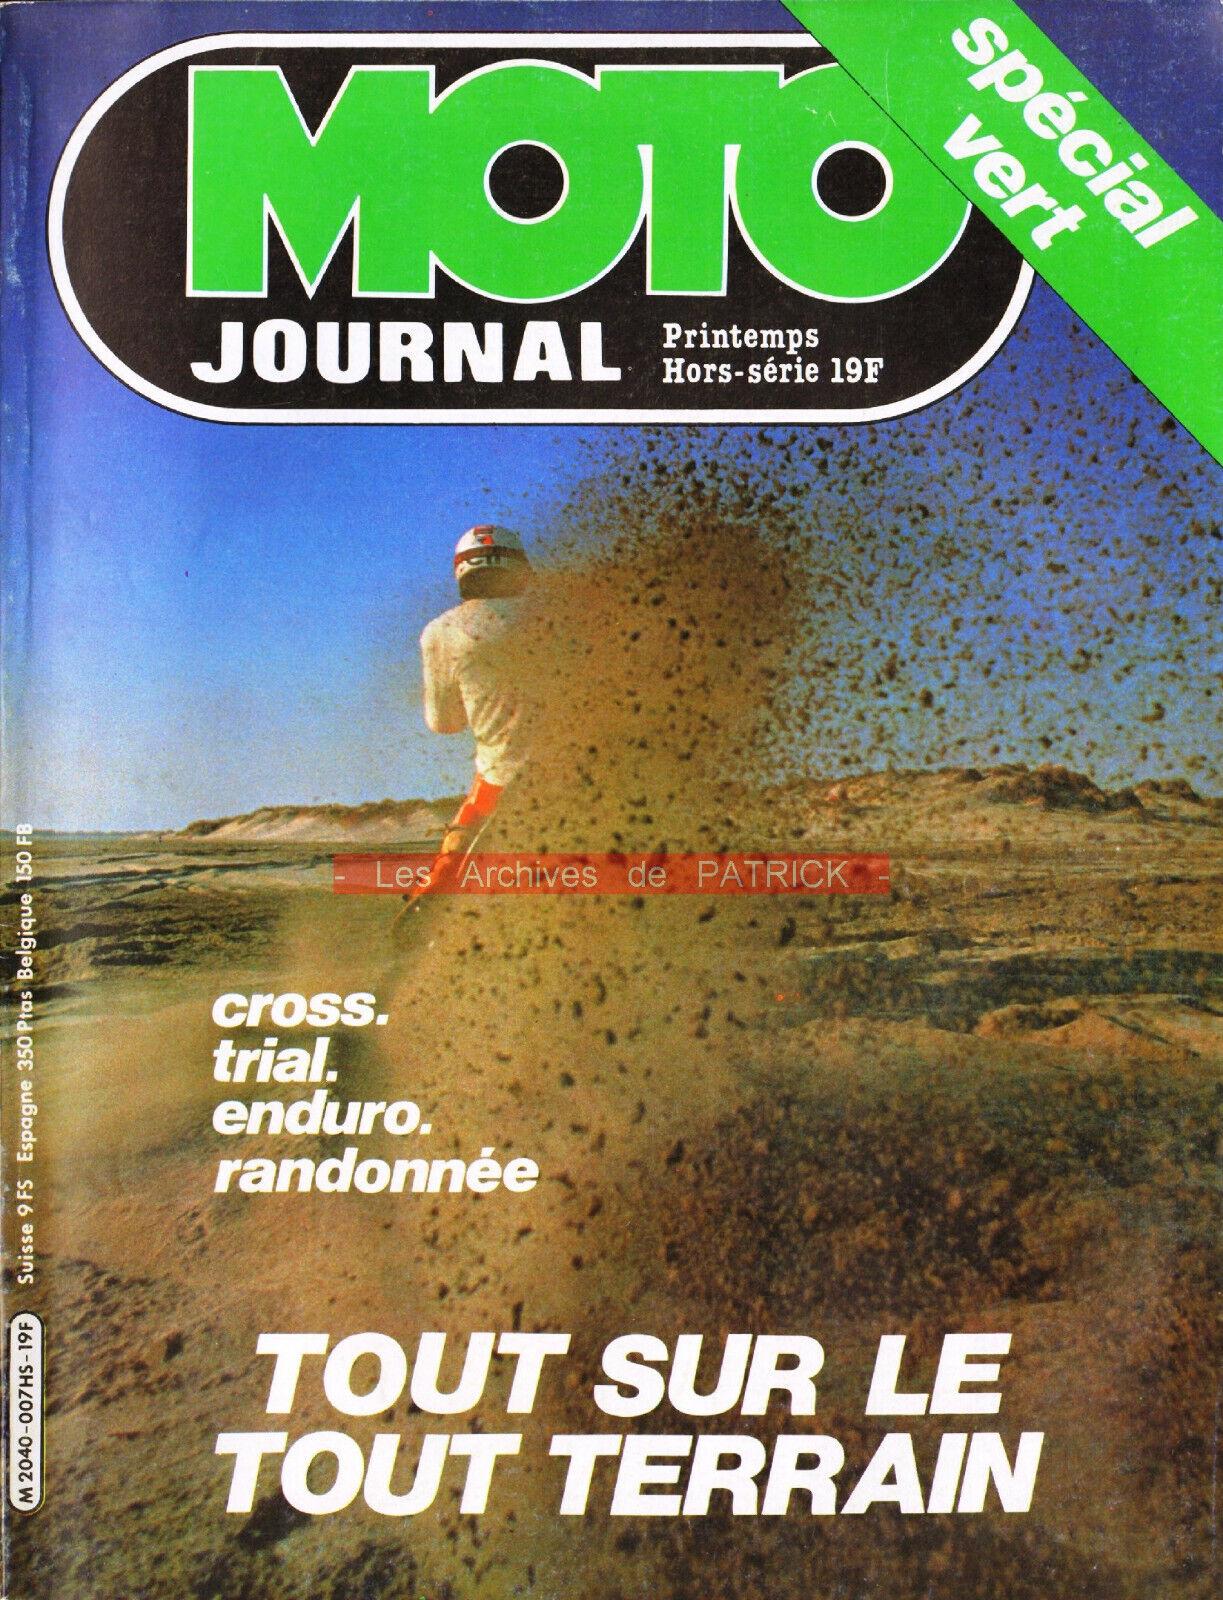 Moto journal hs «spécial tout-terrain 1981» cross enduro trial trail paris-dakar